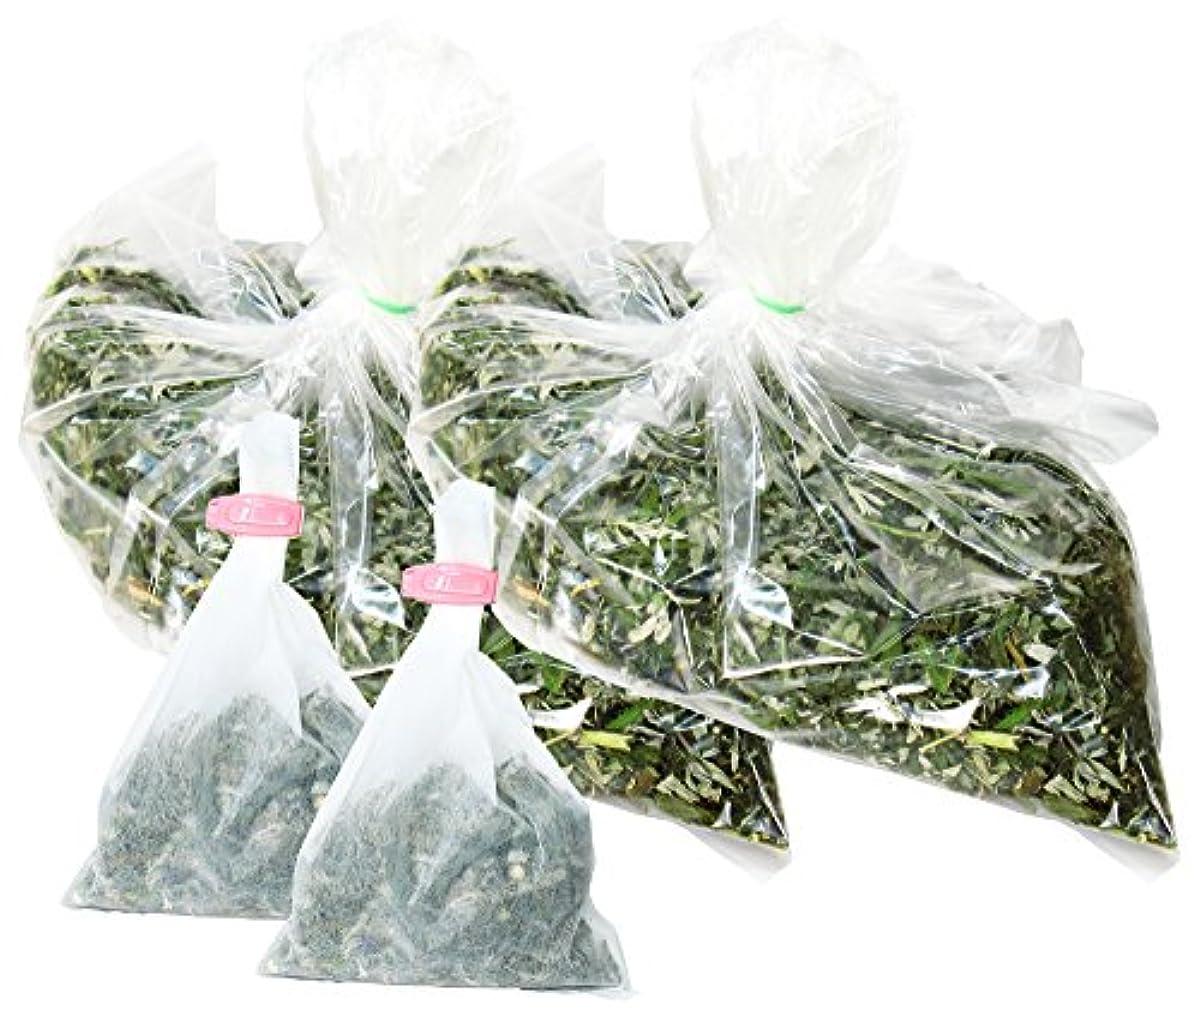 冷酷な未満くるくる自然健康社 よもぎ蒸しのよもぎ 250g×2個 乾燥刻み 煮出し袋20枚付